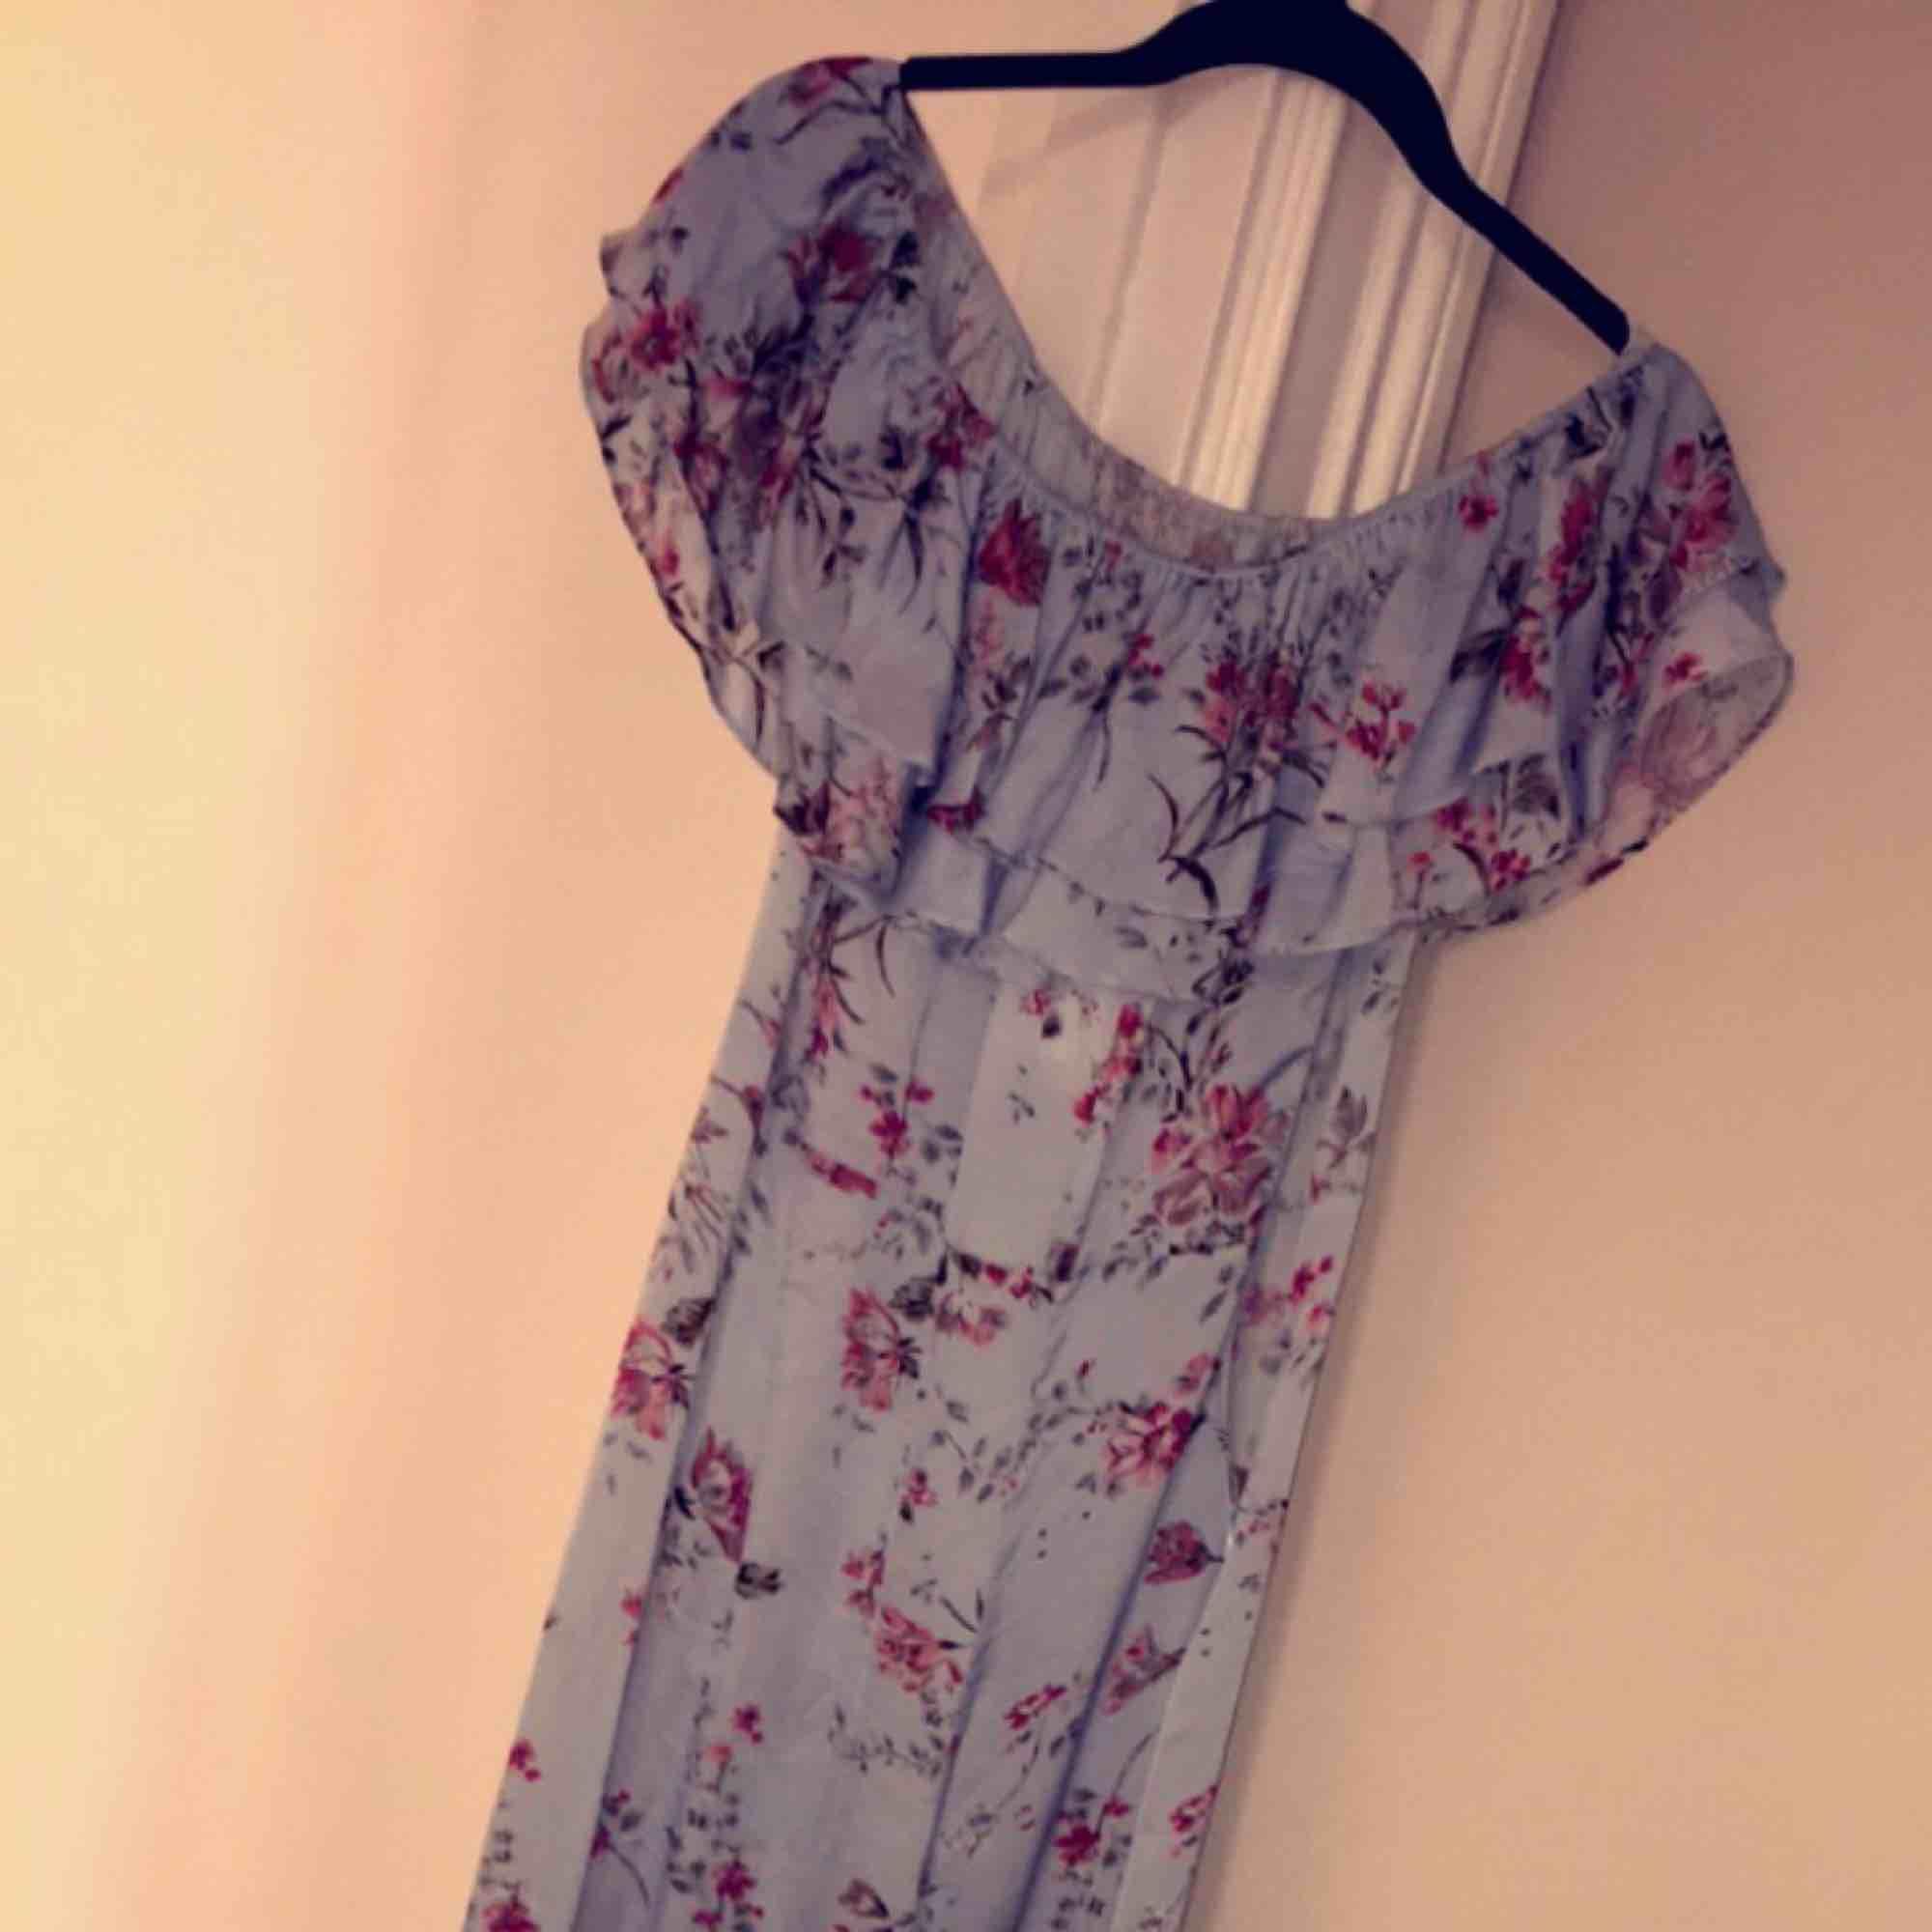 Långklänning från zara utan ärmar! Jättefin blommig långklänning som passar fint på sommaren. Den är helt oanvänd men kommer inte till användning. Nypris var 599 kr.. Klänningar.